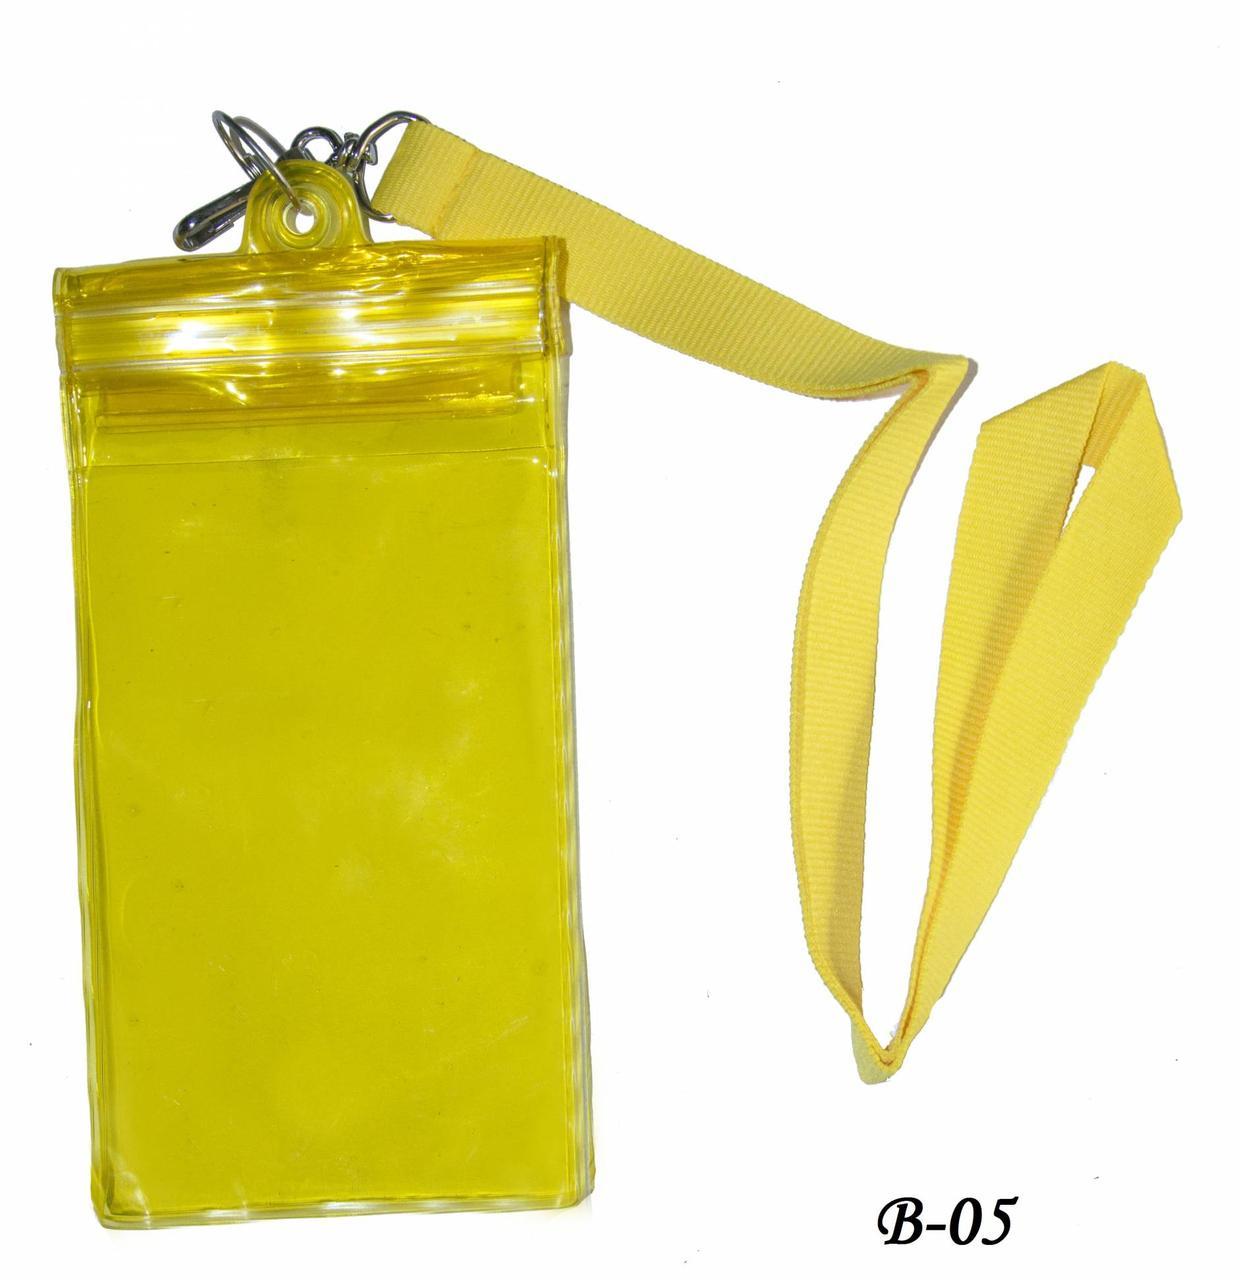 Чехол водонепроницаемый для телефона мал. B-05